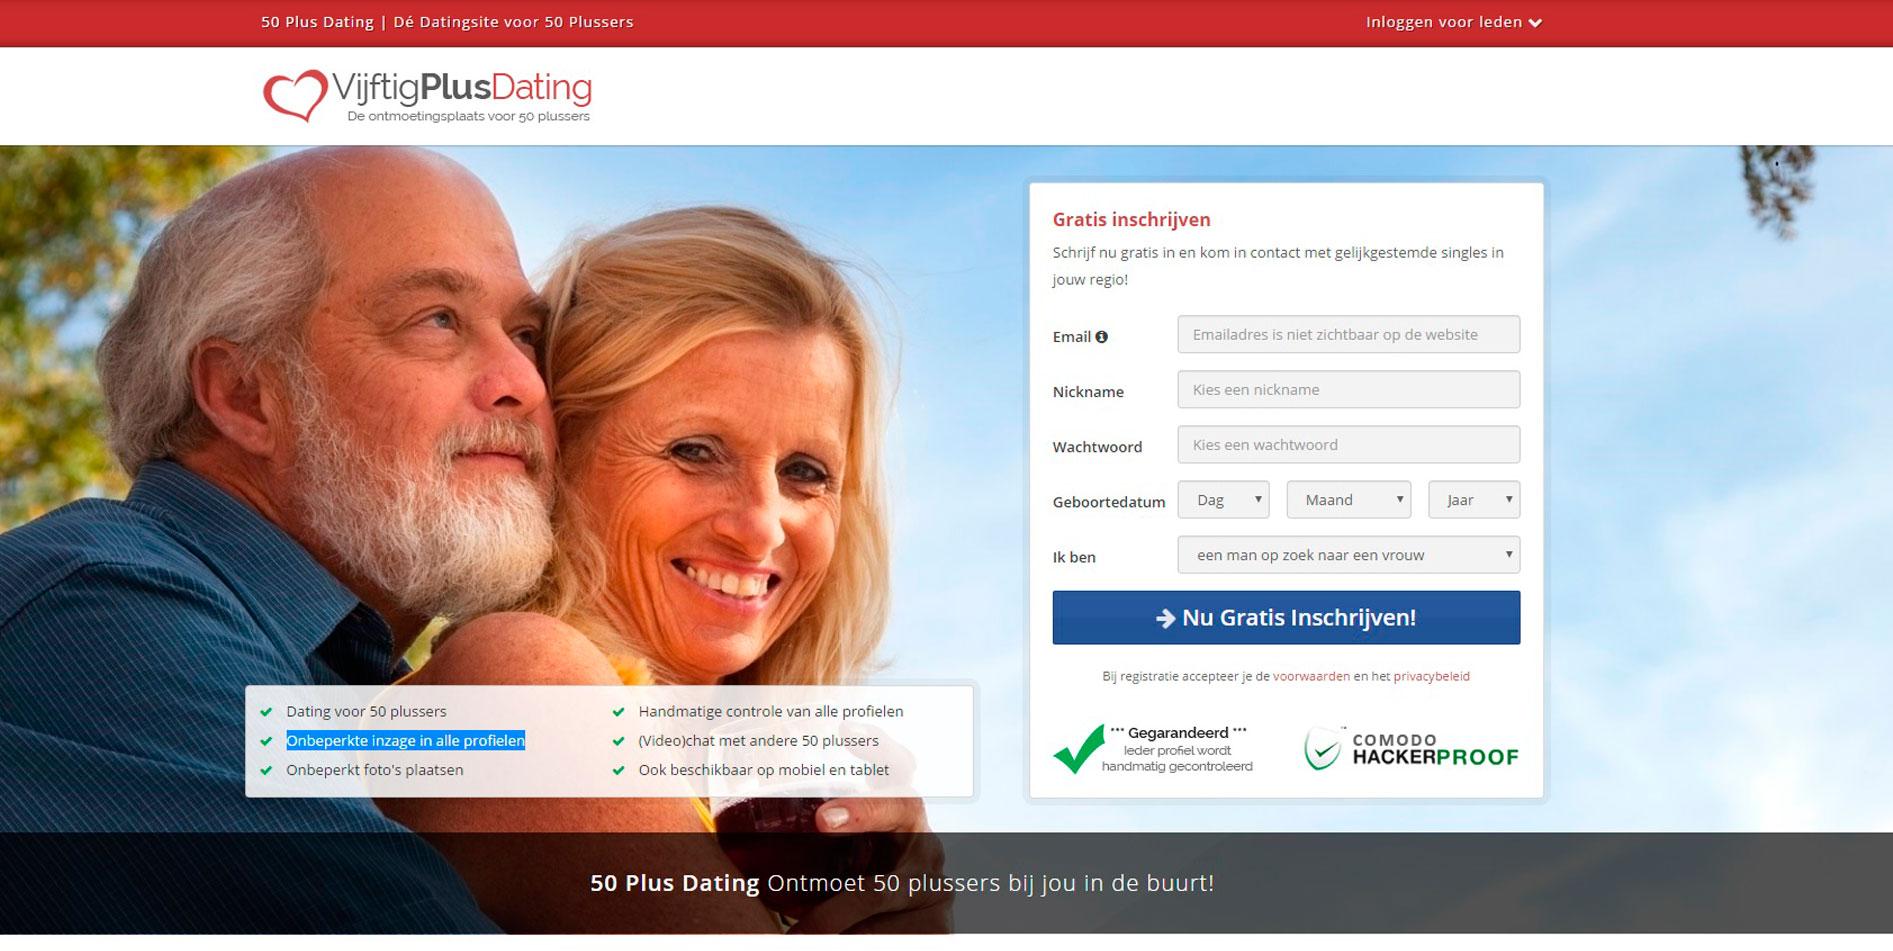 Vijftigplusdating Review, Klachten & Kosten | Datingsite-Vergelijken.Nl